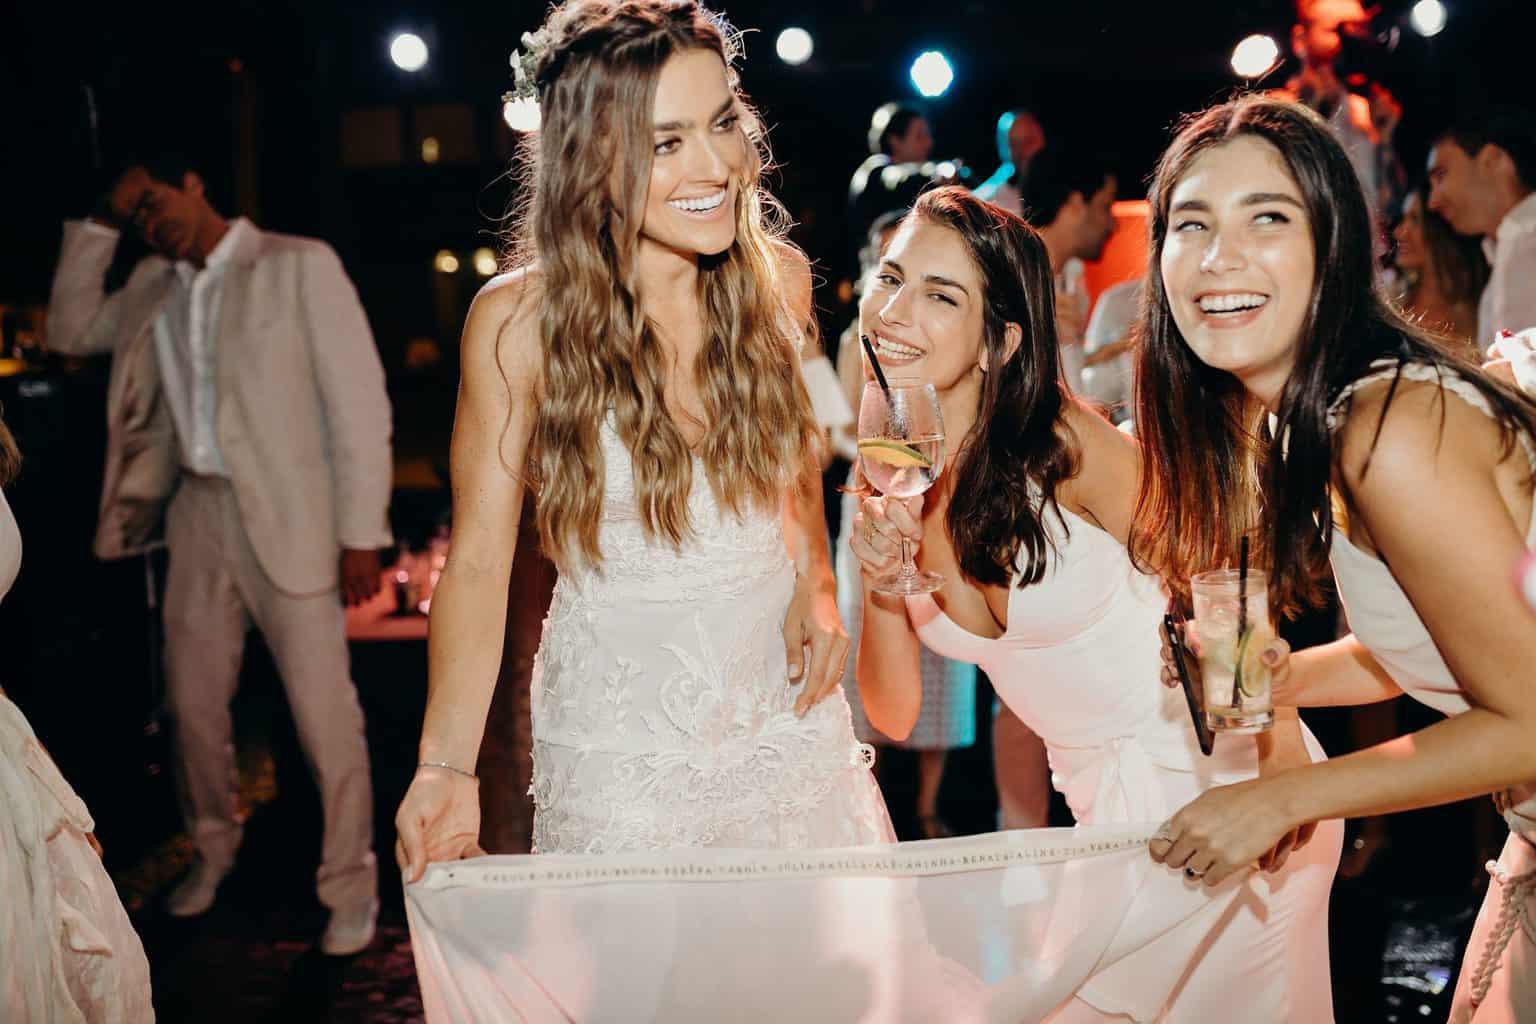 casamento-Danielle-e-Guilherme-aloha-fotografia-caseme-119